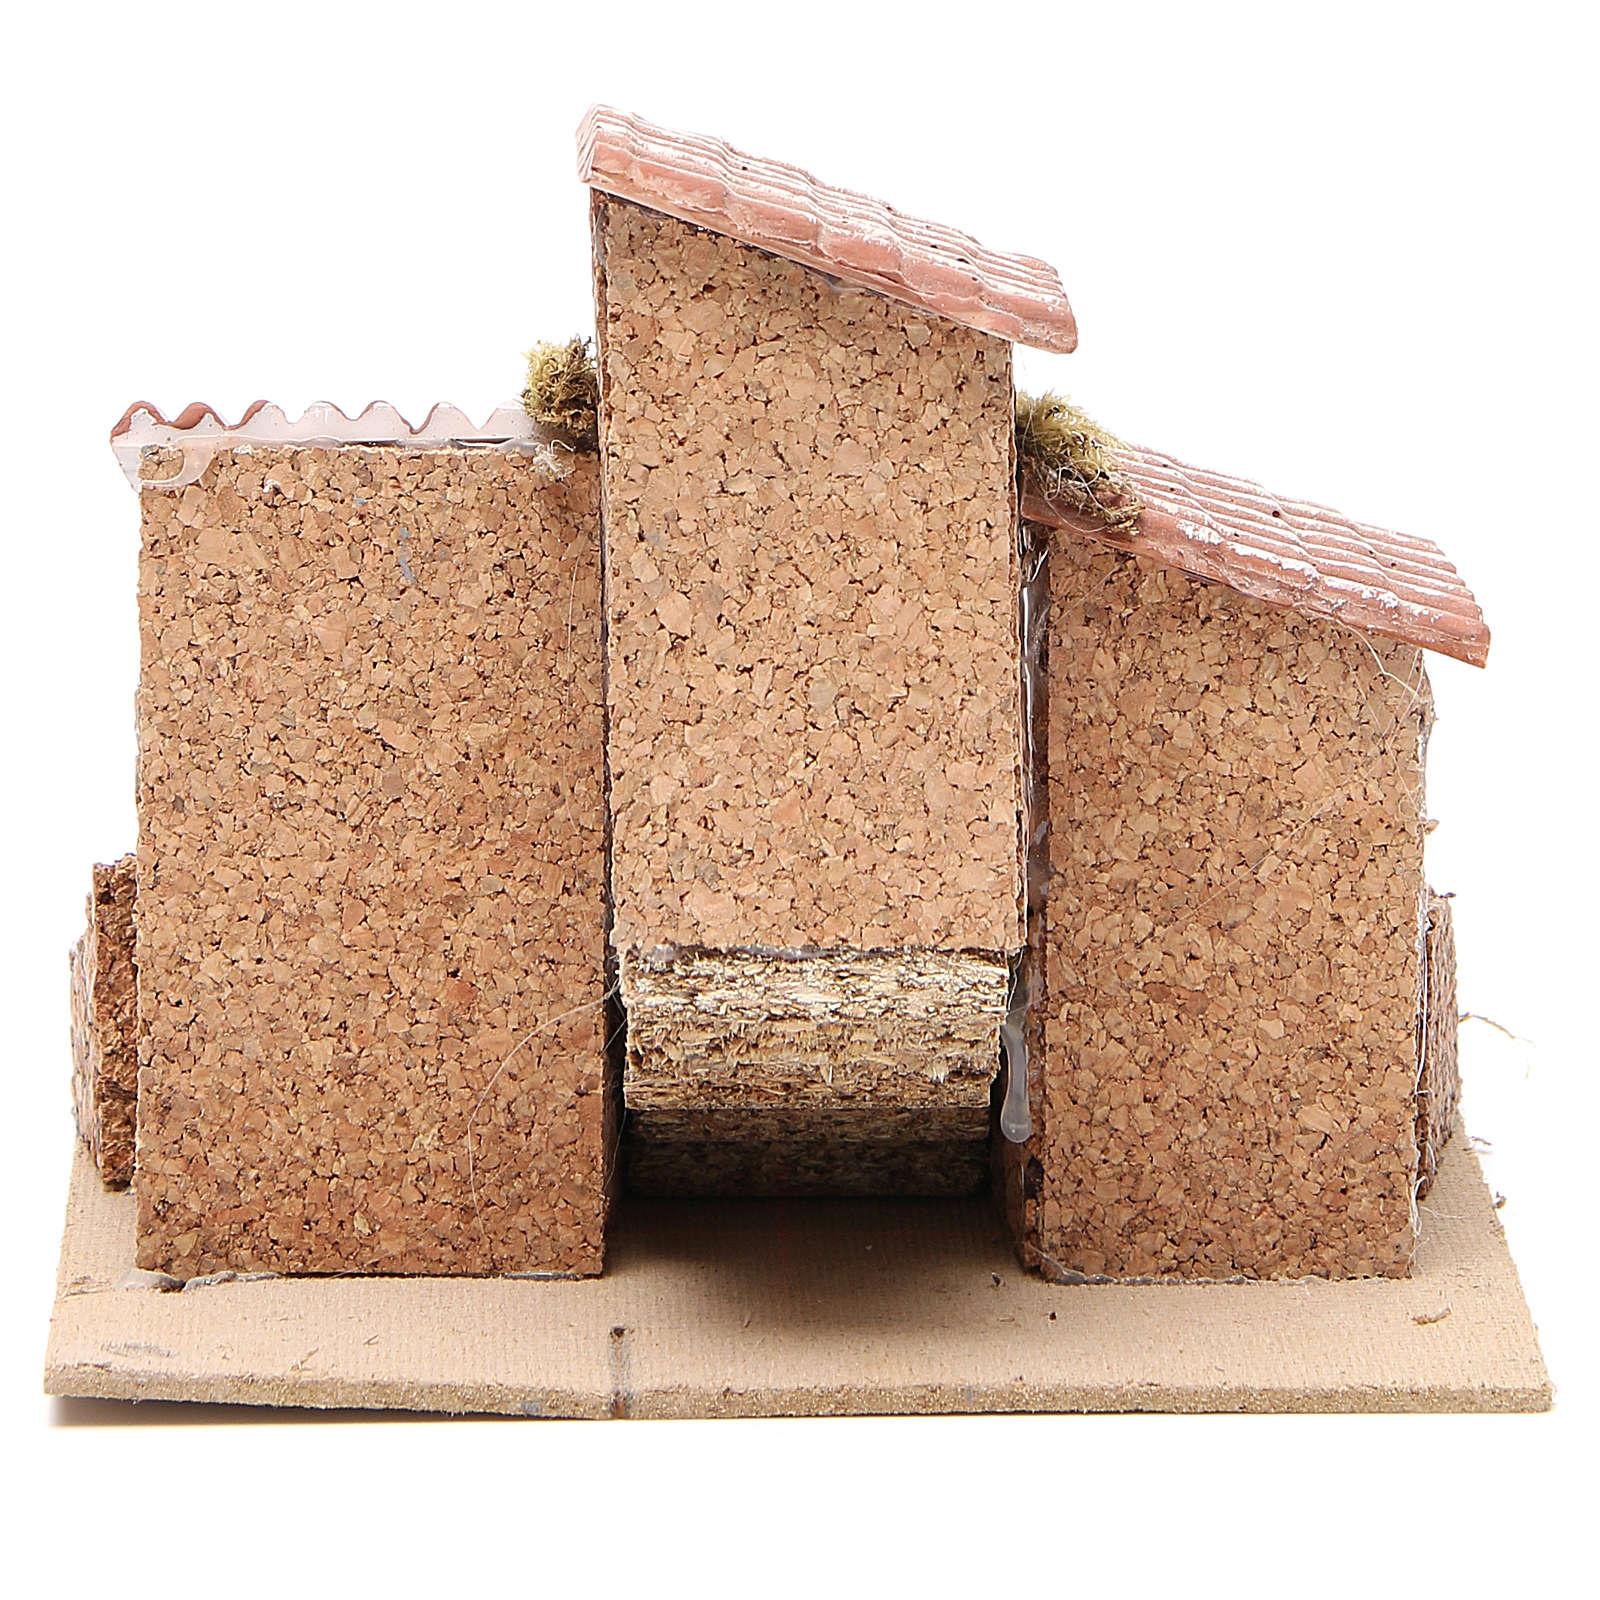 Maisons crèche napolitaine liège et résine 14x21x16 cm 4